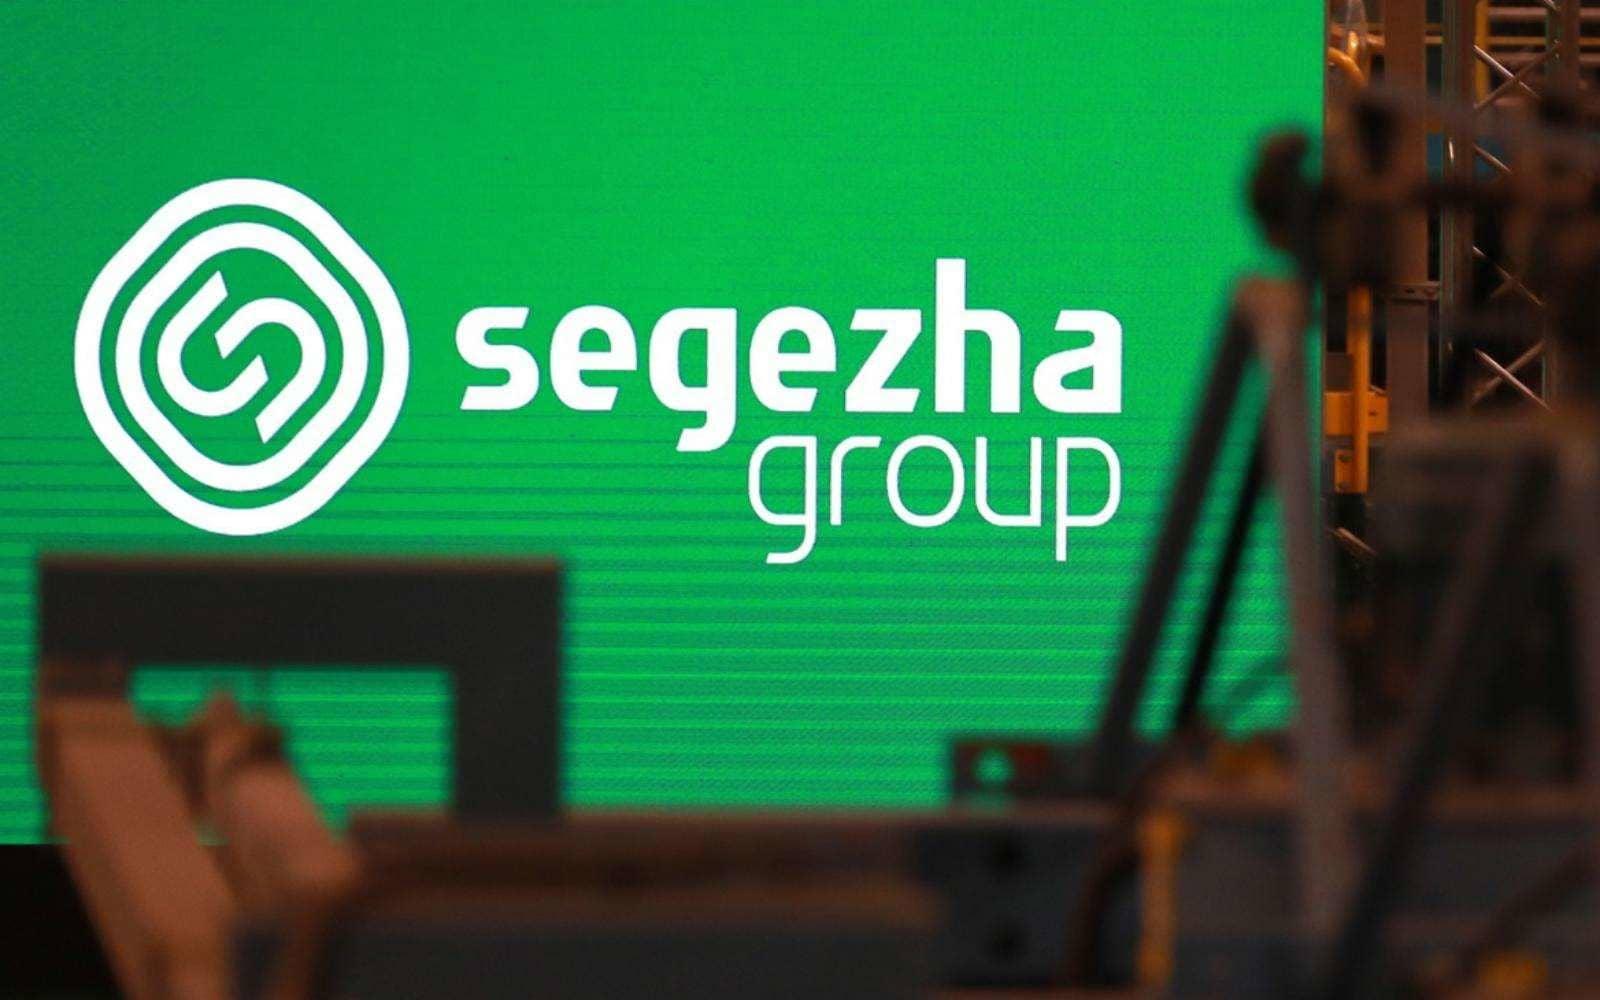 Segezha Group провела успешное IPO